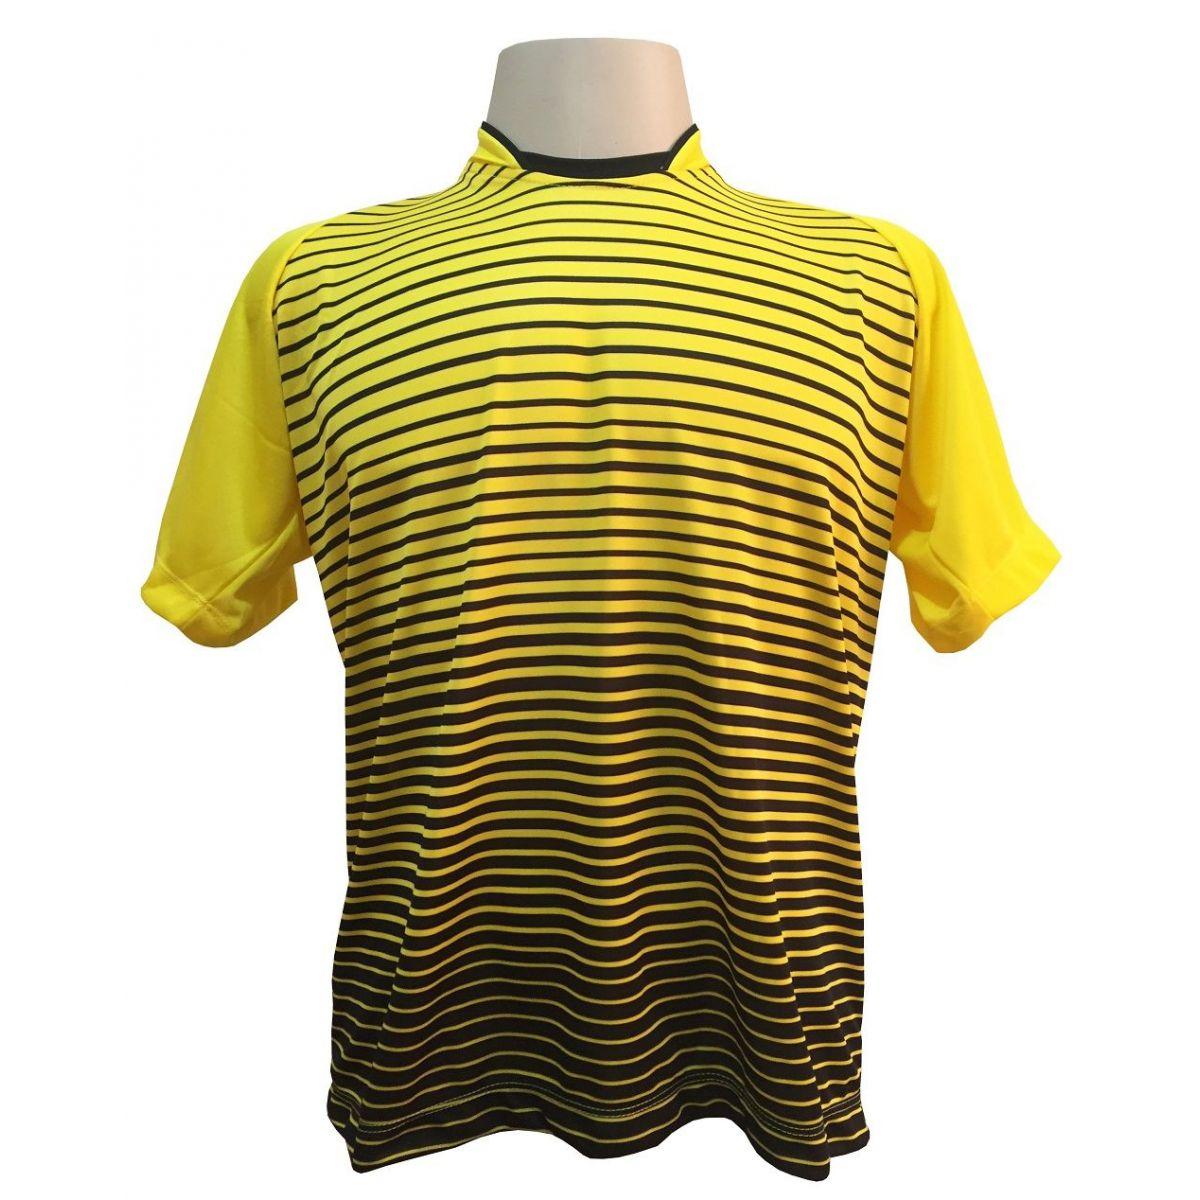 Uniforme Esportivo com 18 camisas modelo City Amarelo/Preto + 18 calções modelo Madrid Preto + 18 pares de meiões Amarelo